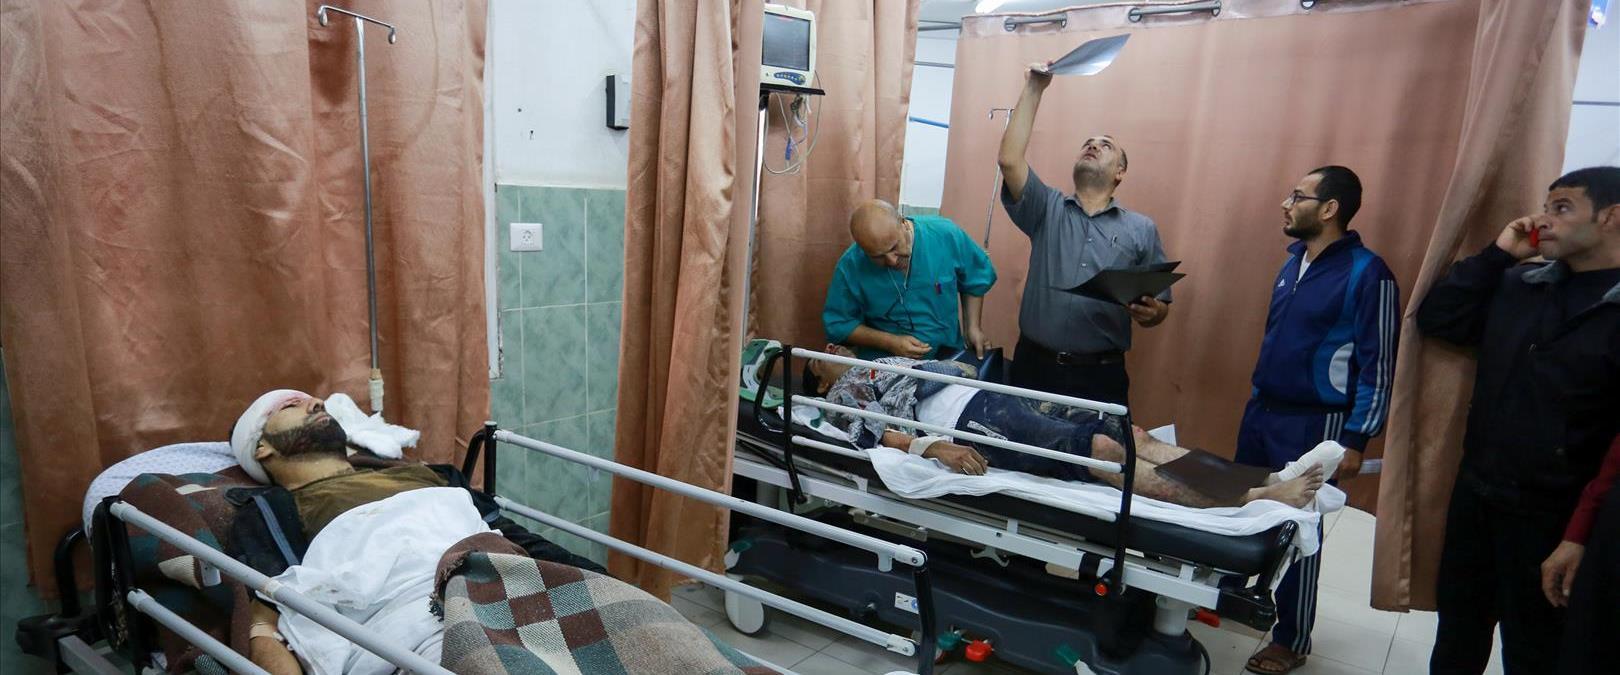 בית חולים בעזה